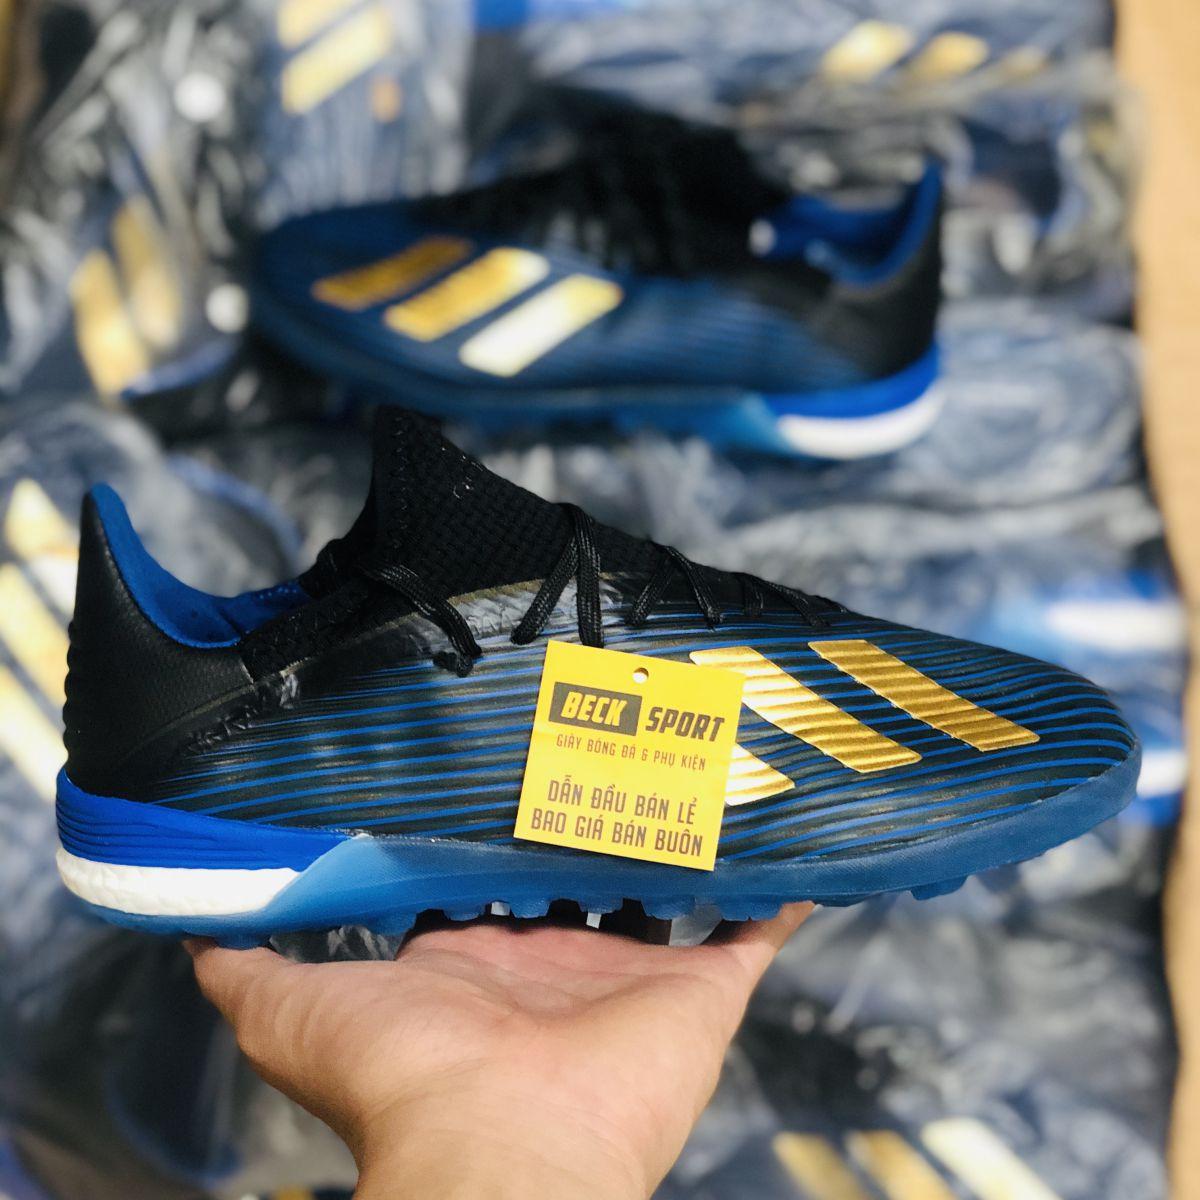 Giày Bóng Đá Adidas X 19.1 Xanh Than Vạch Đồng TF